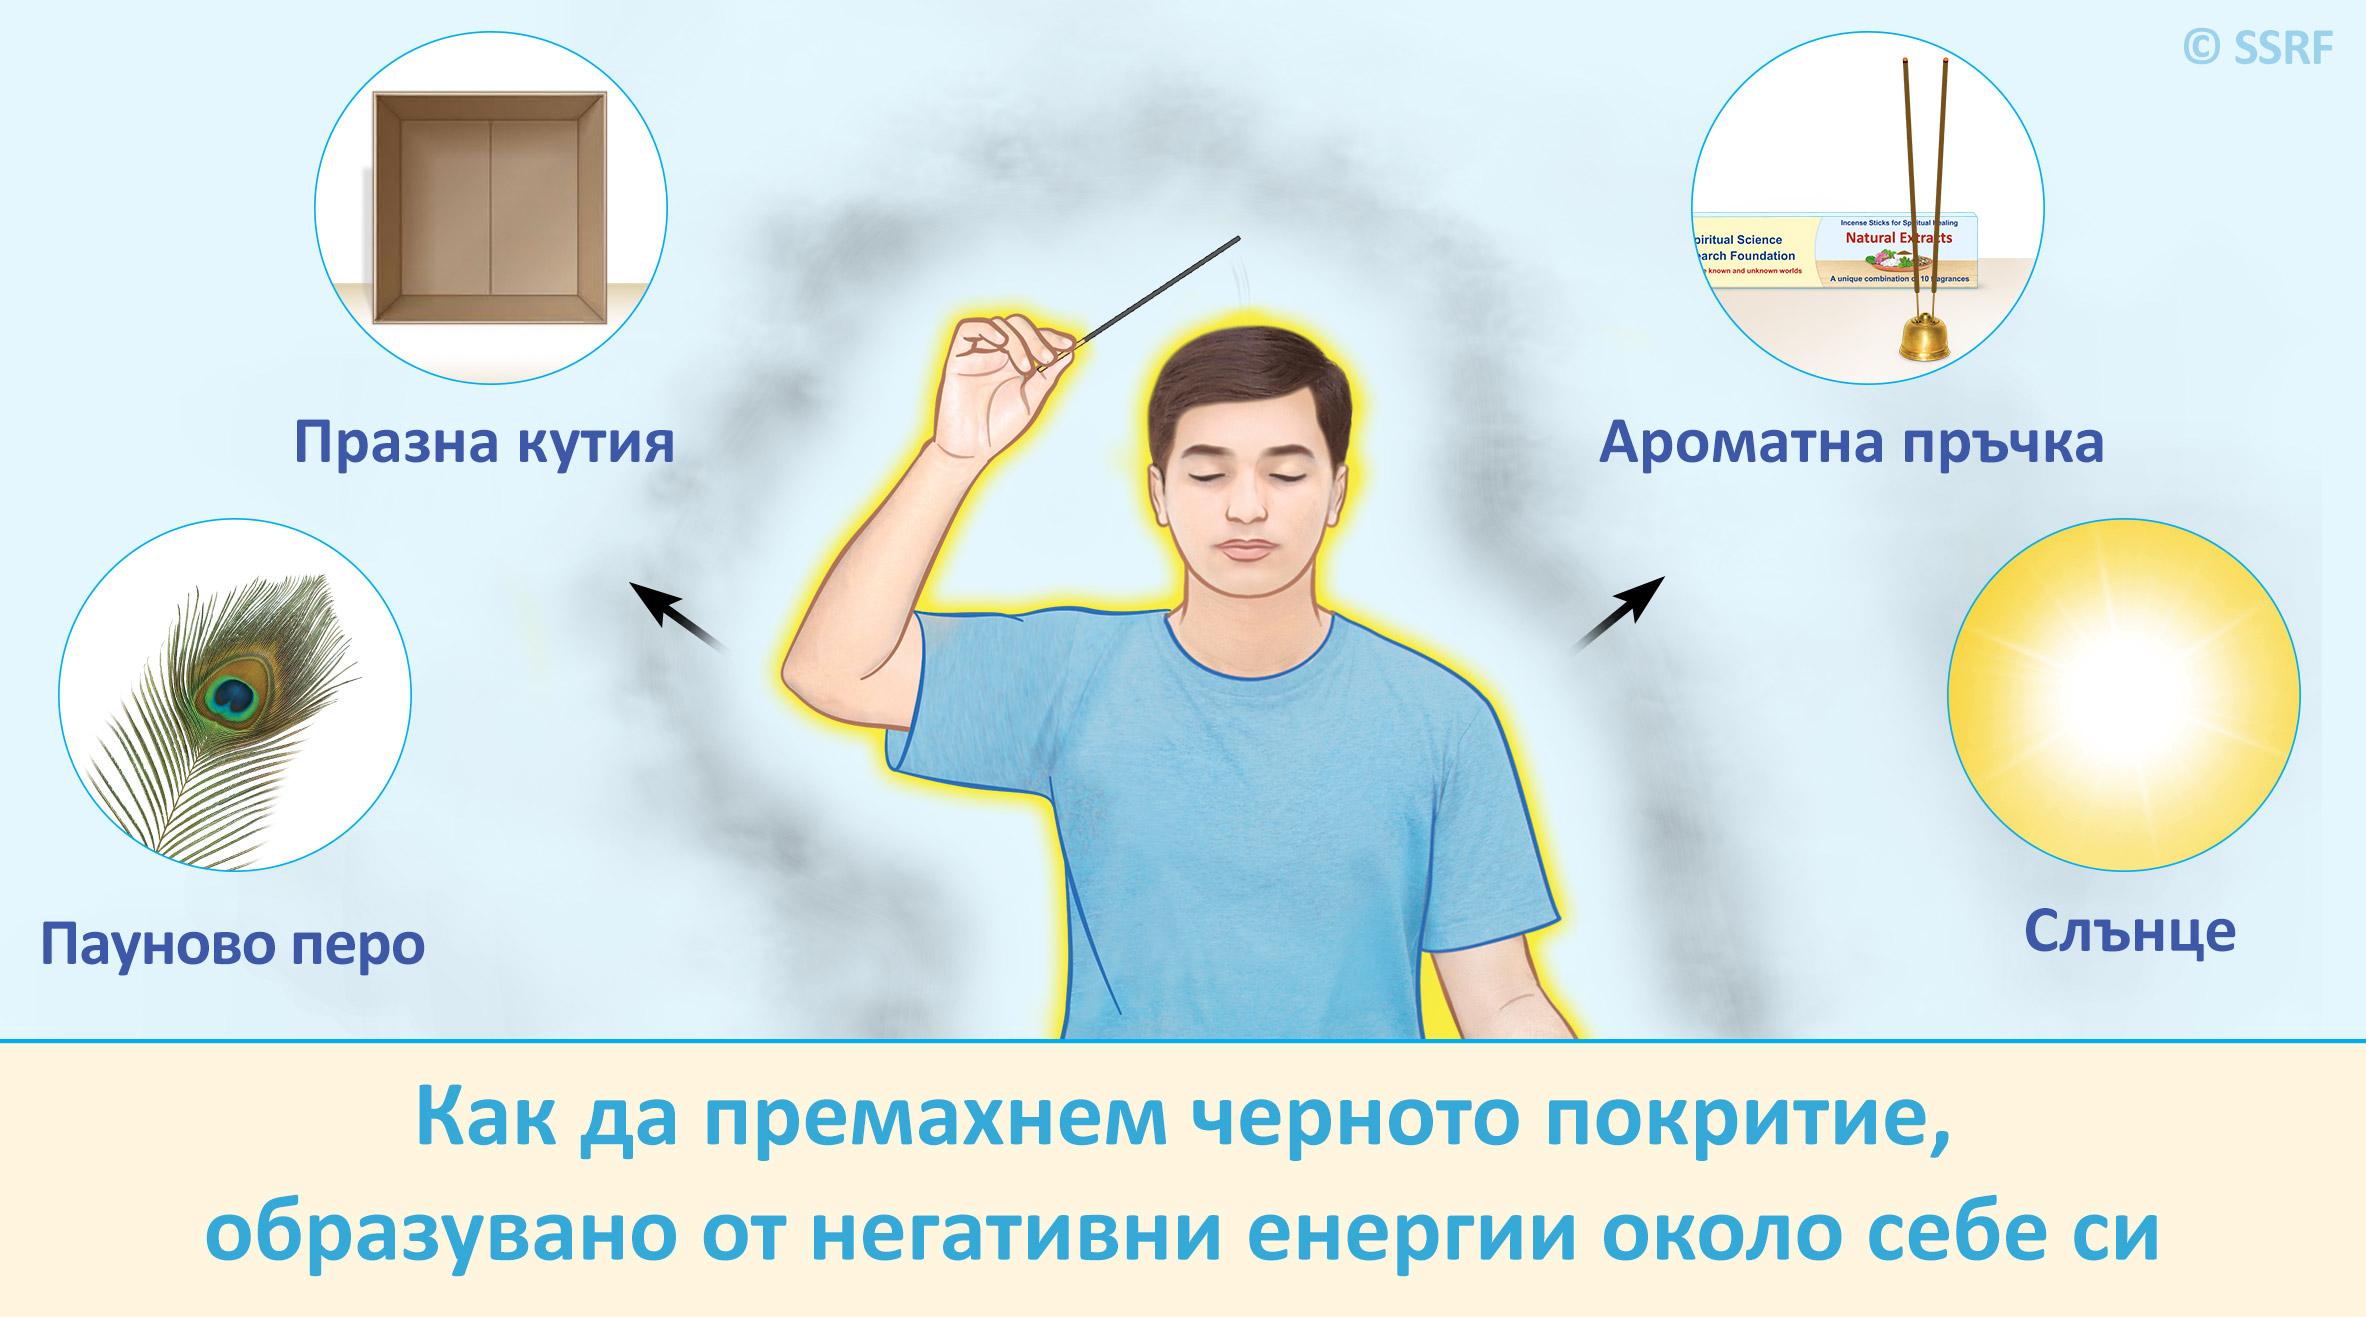 Духовно прочистване на черното покритие, образувано от негативни енергии около себе си